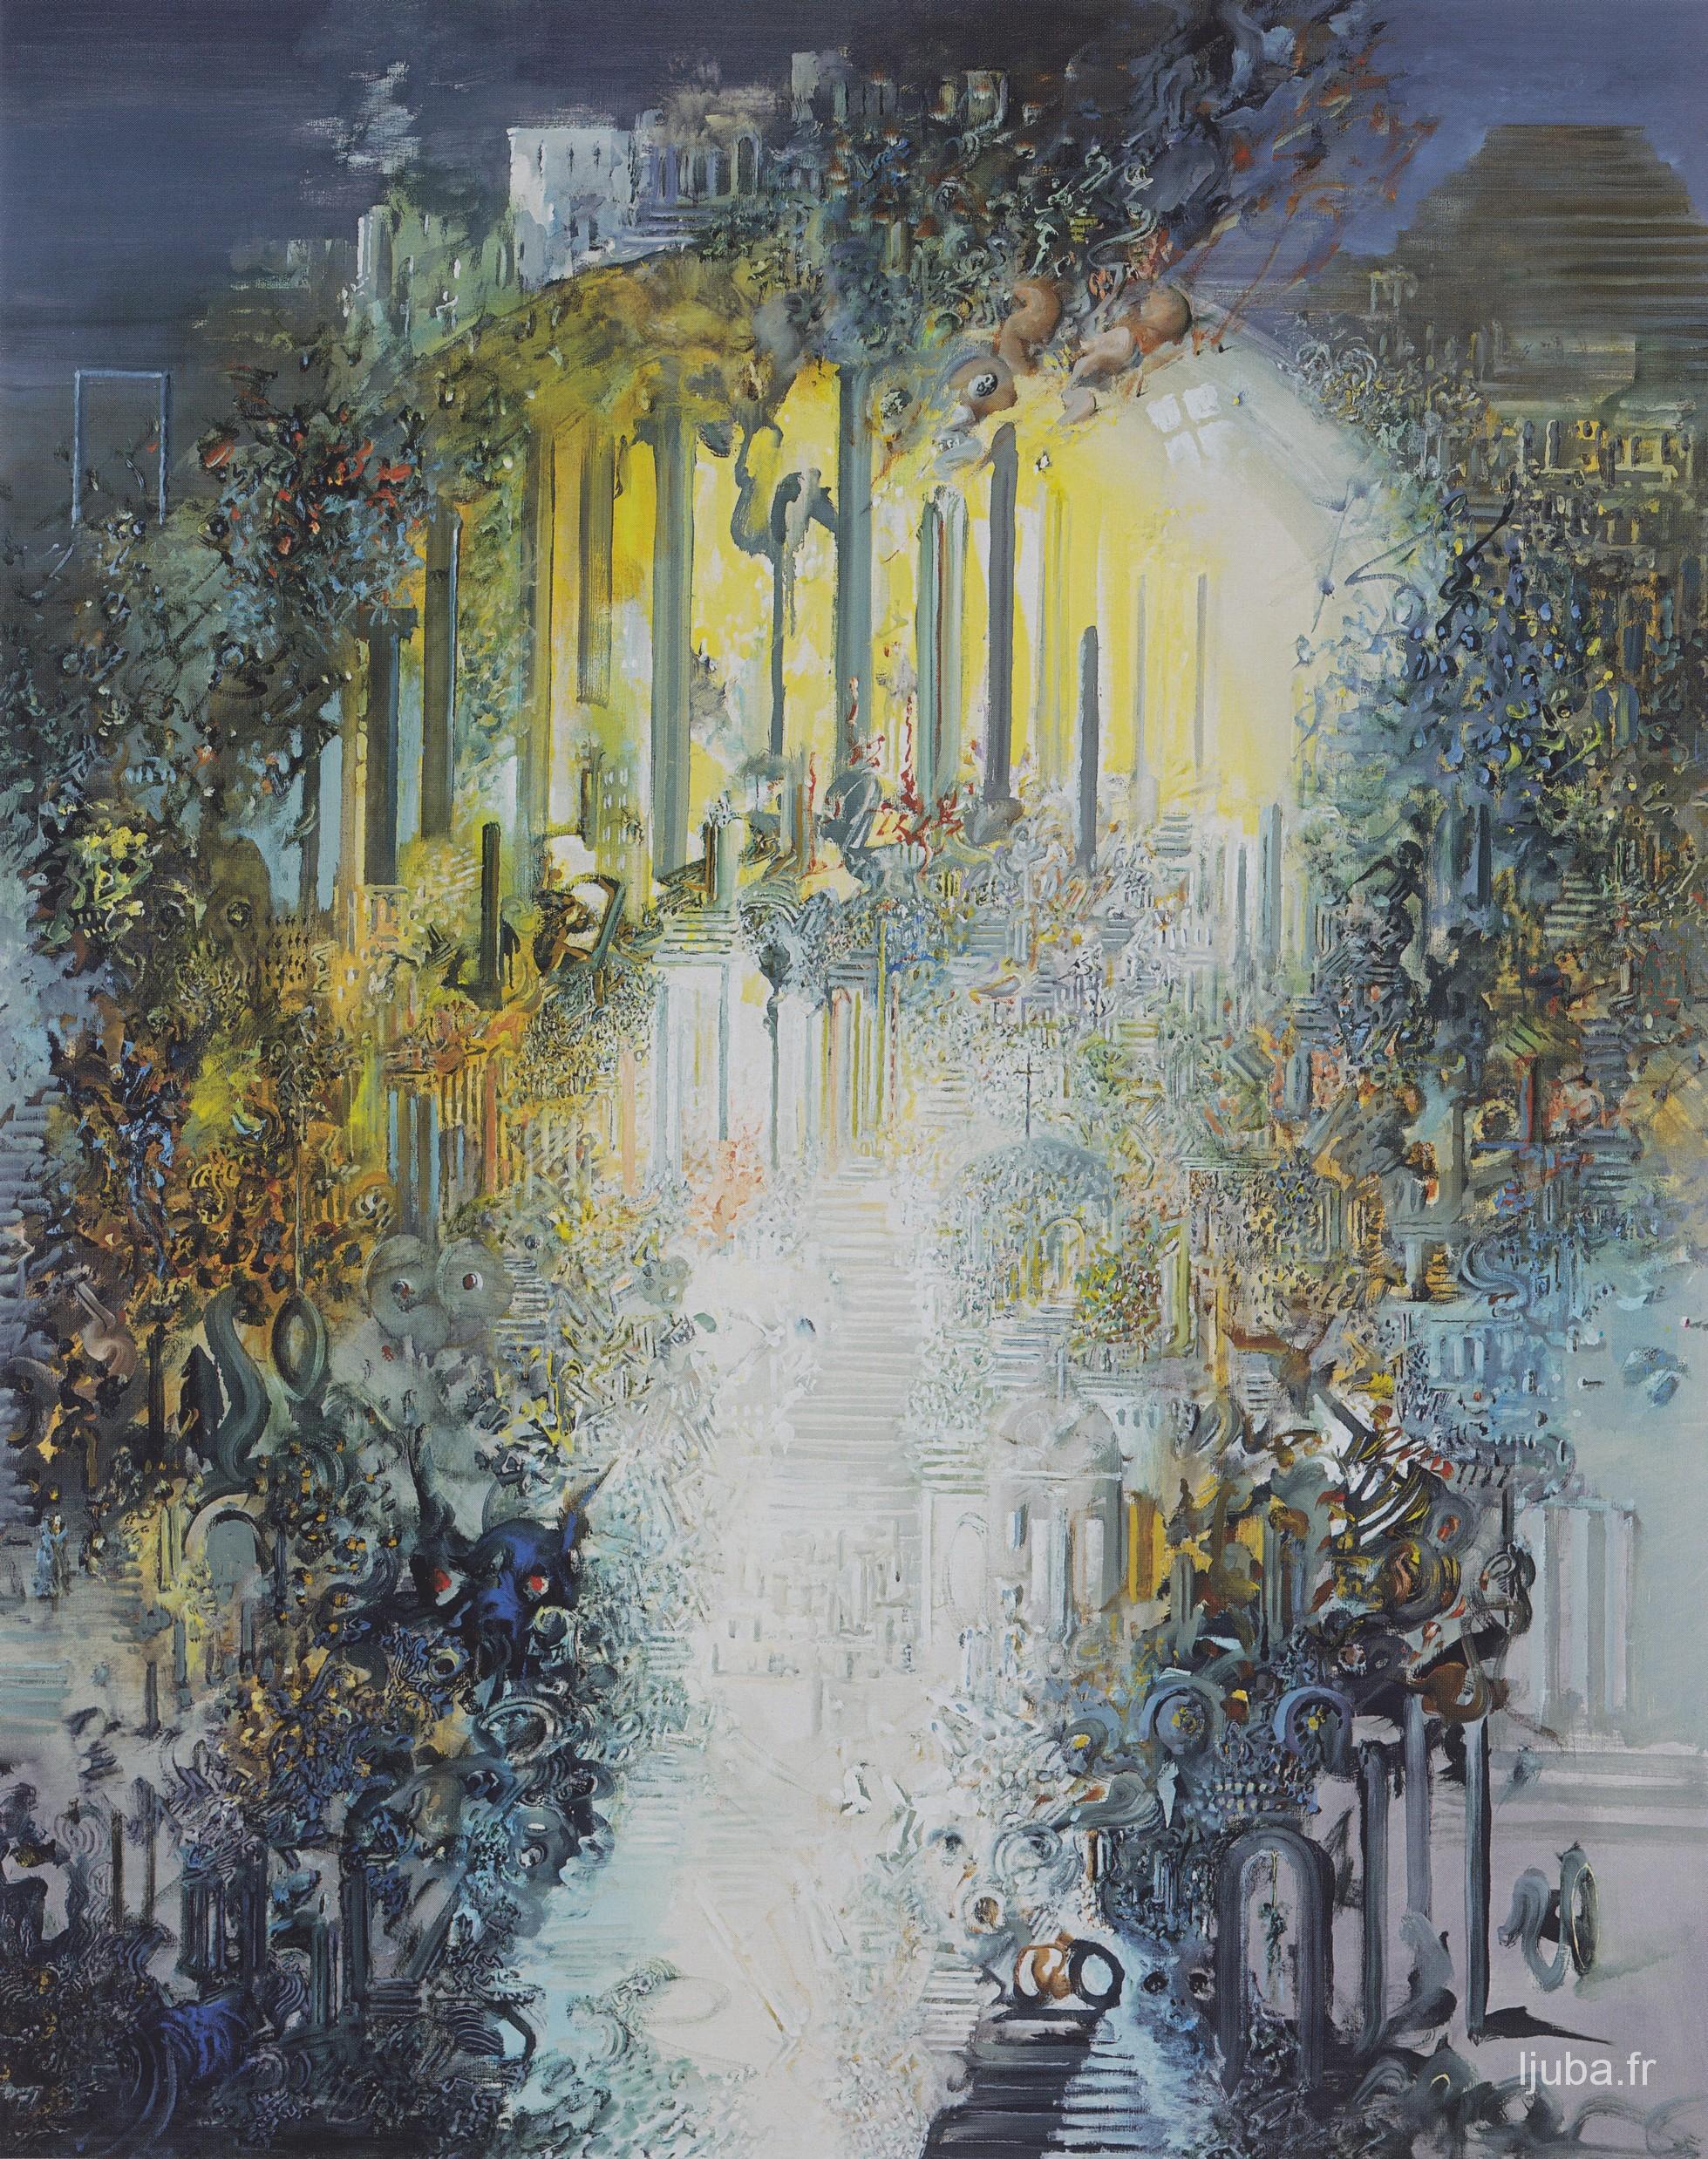 Ljuba Popovic - 2000, La vie sous une sphère dorée